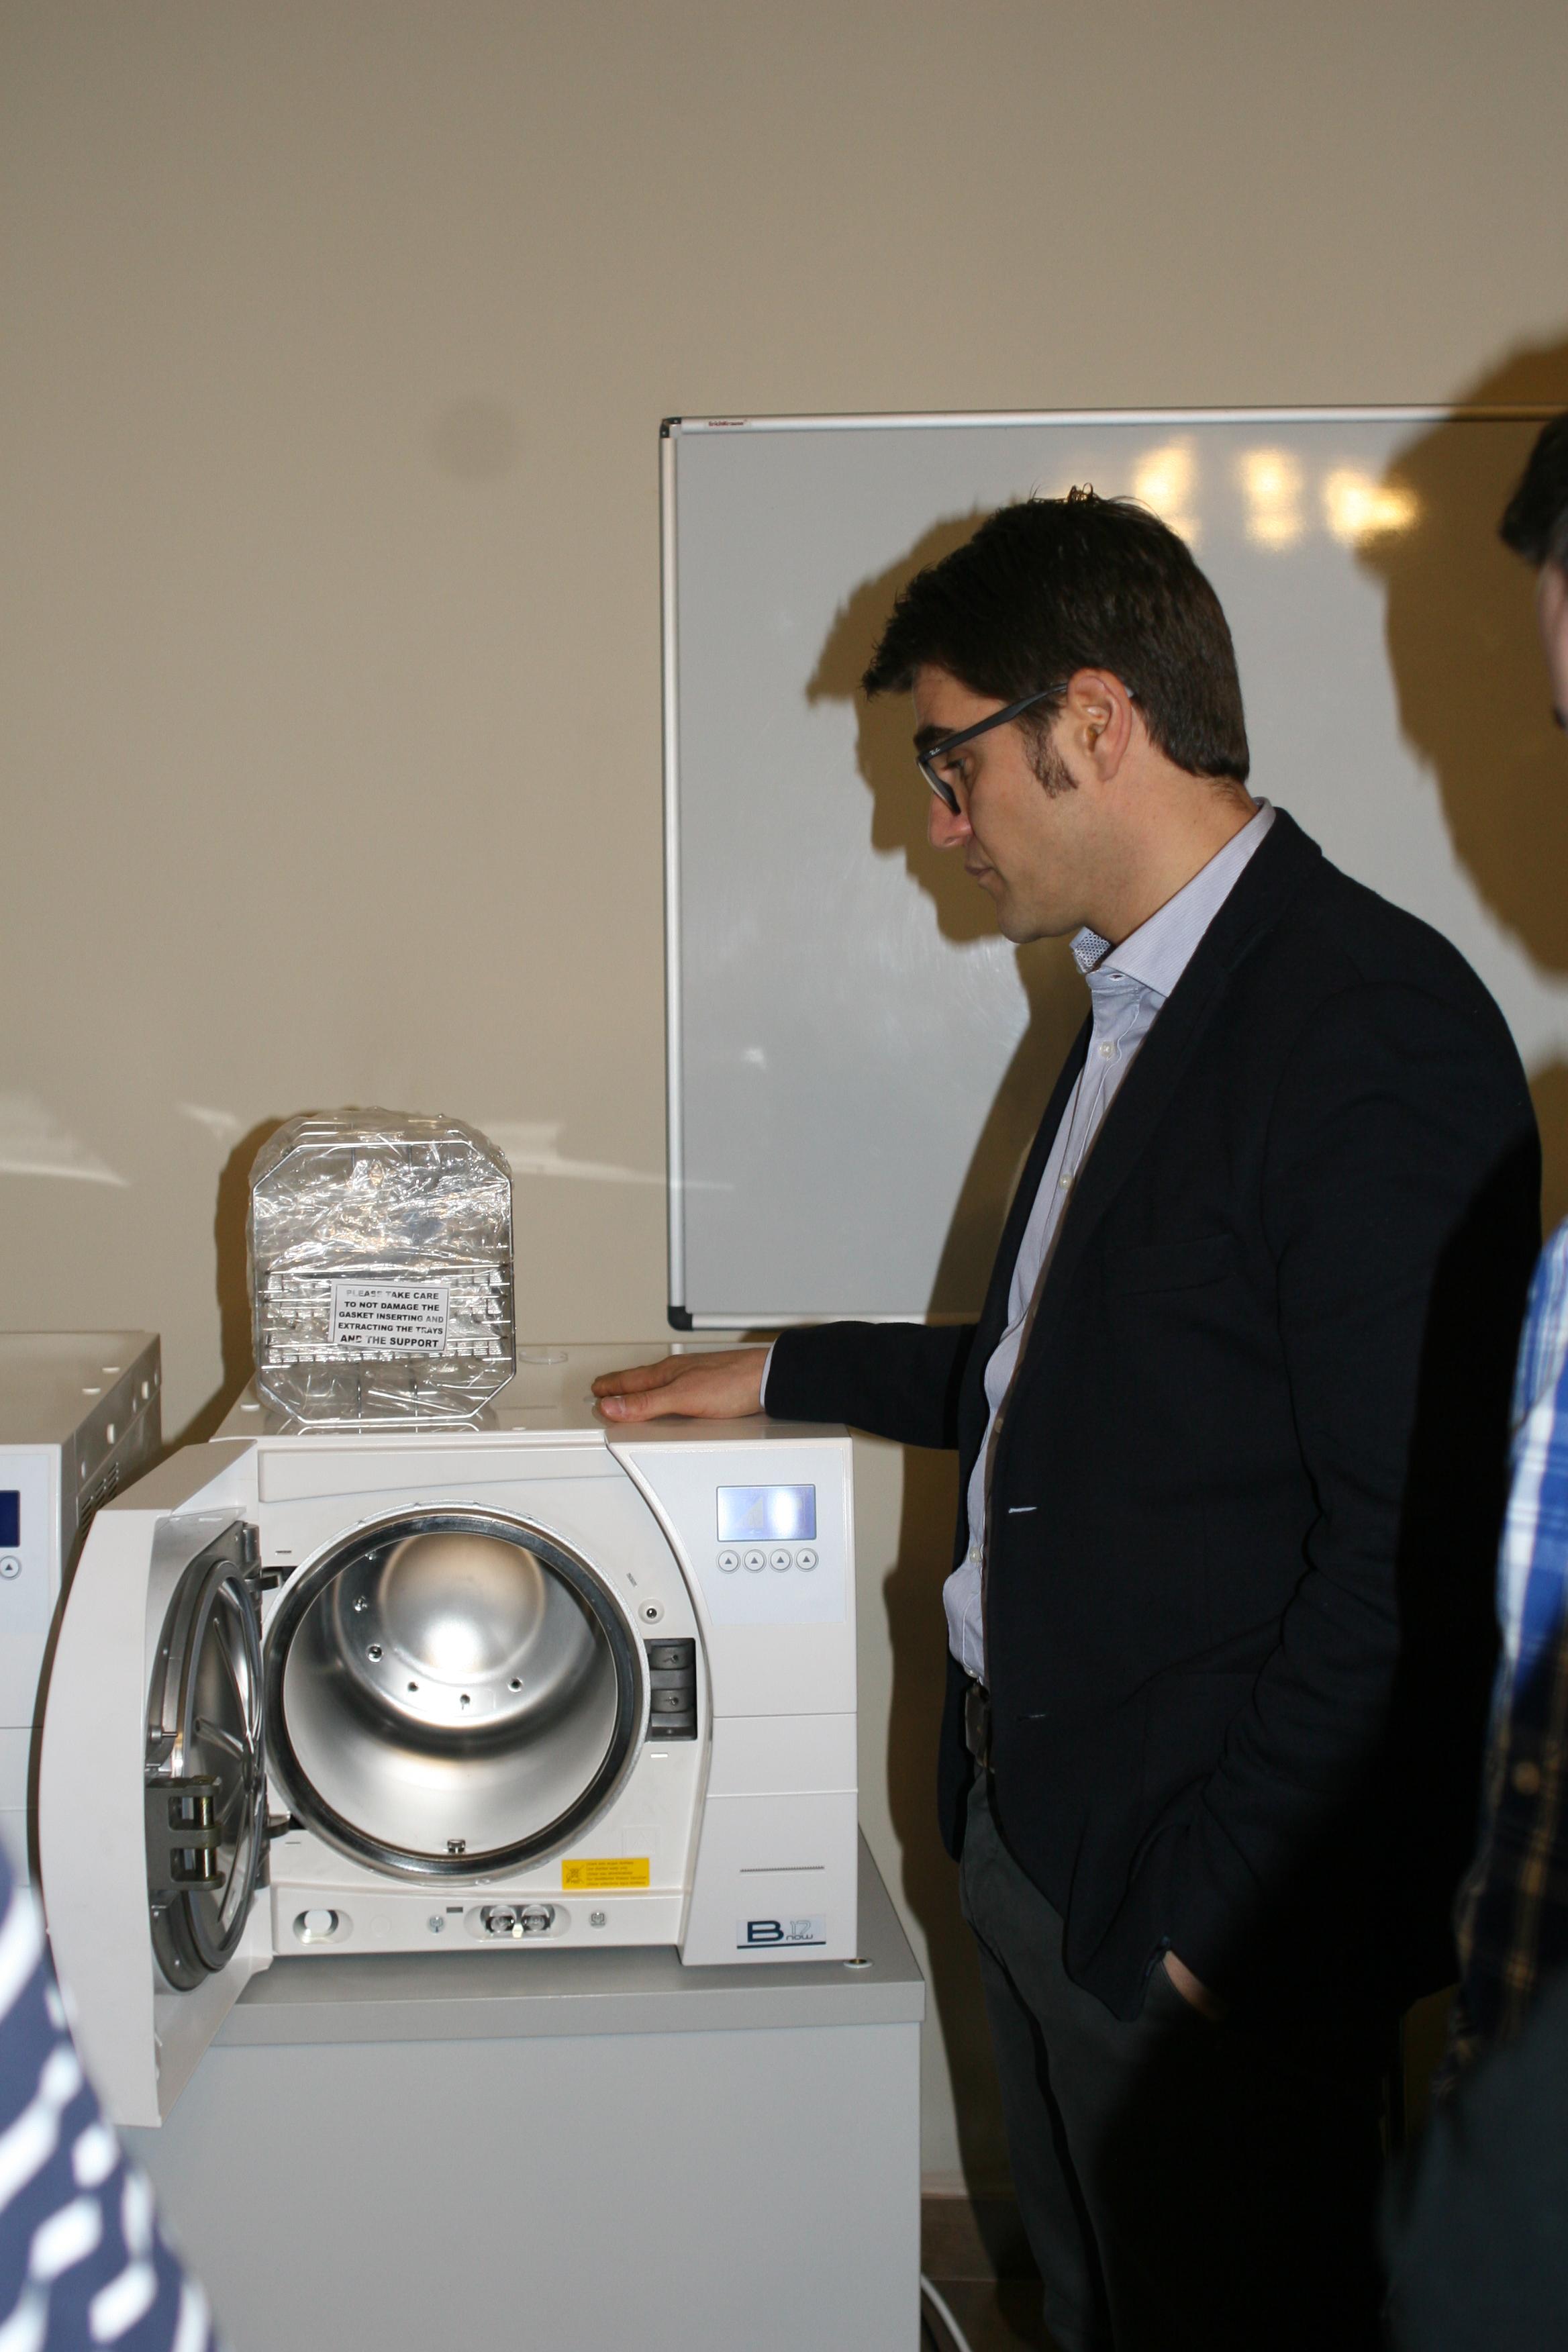 тренинг для менеджеров отдела продаж по стерилизационному оборудованию